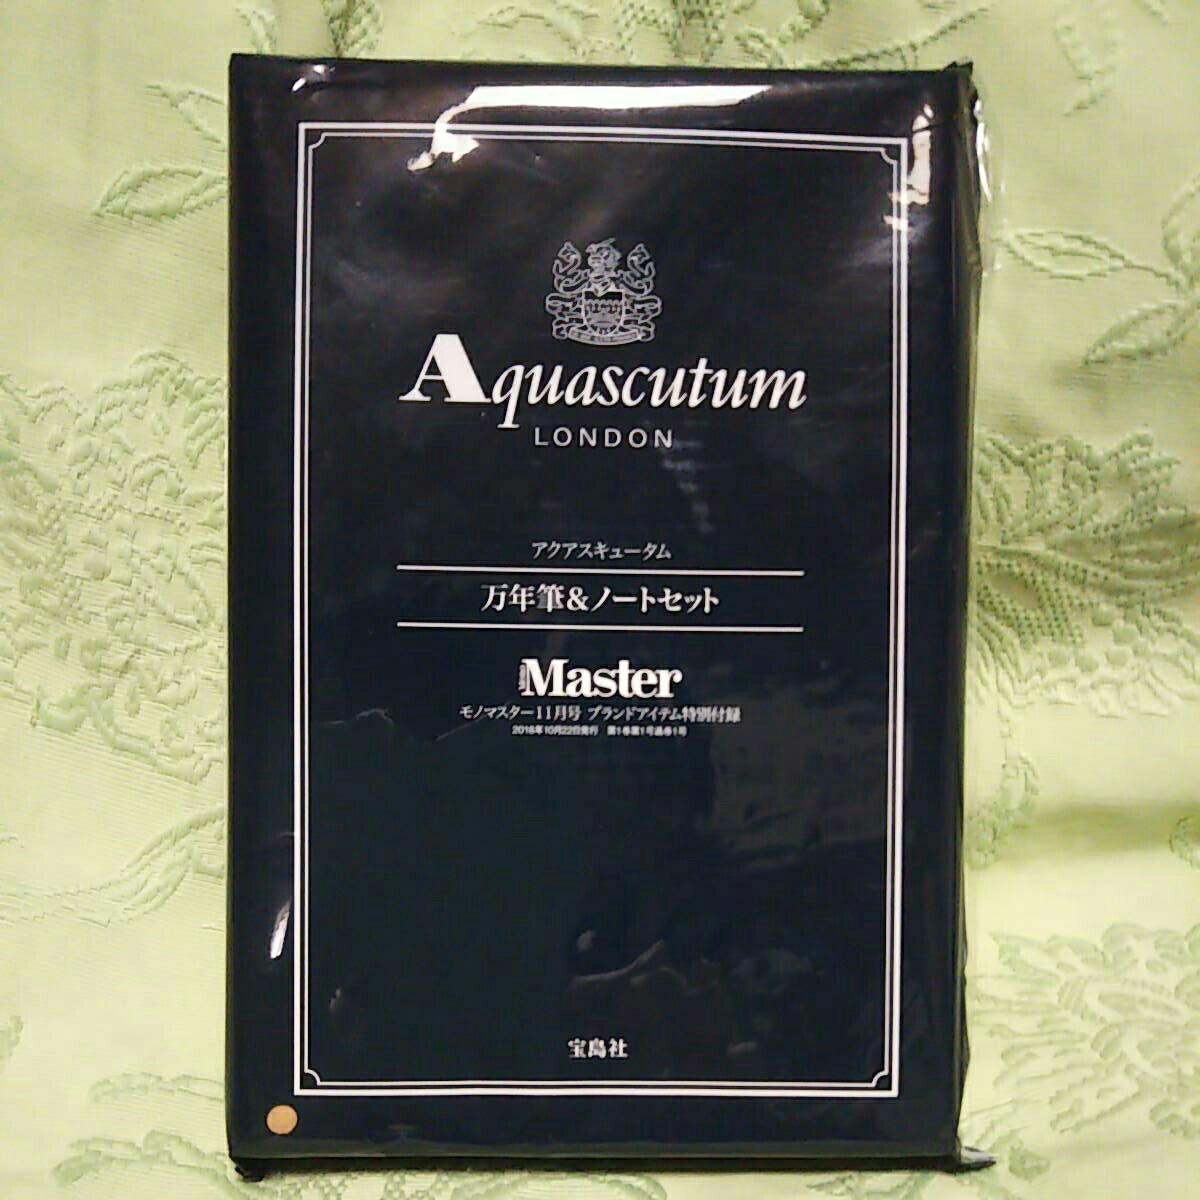 unused * Aquascutum * fountain pen & Note set mono master 11